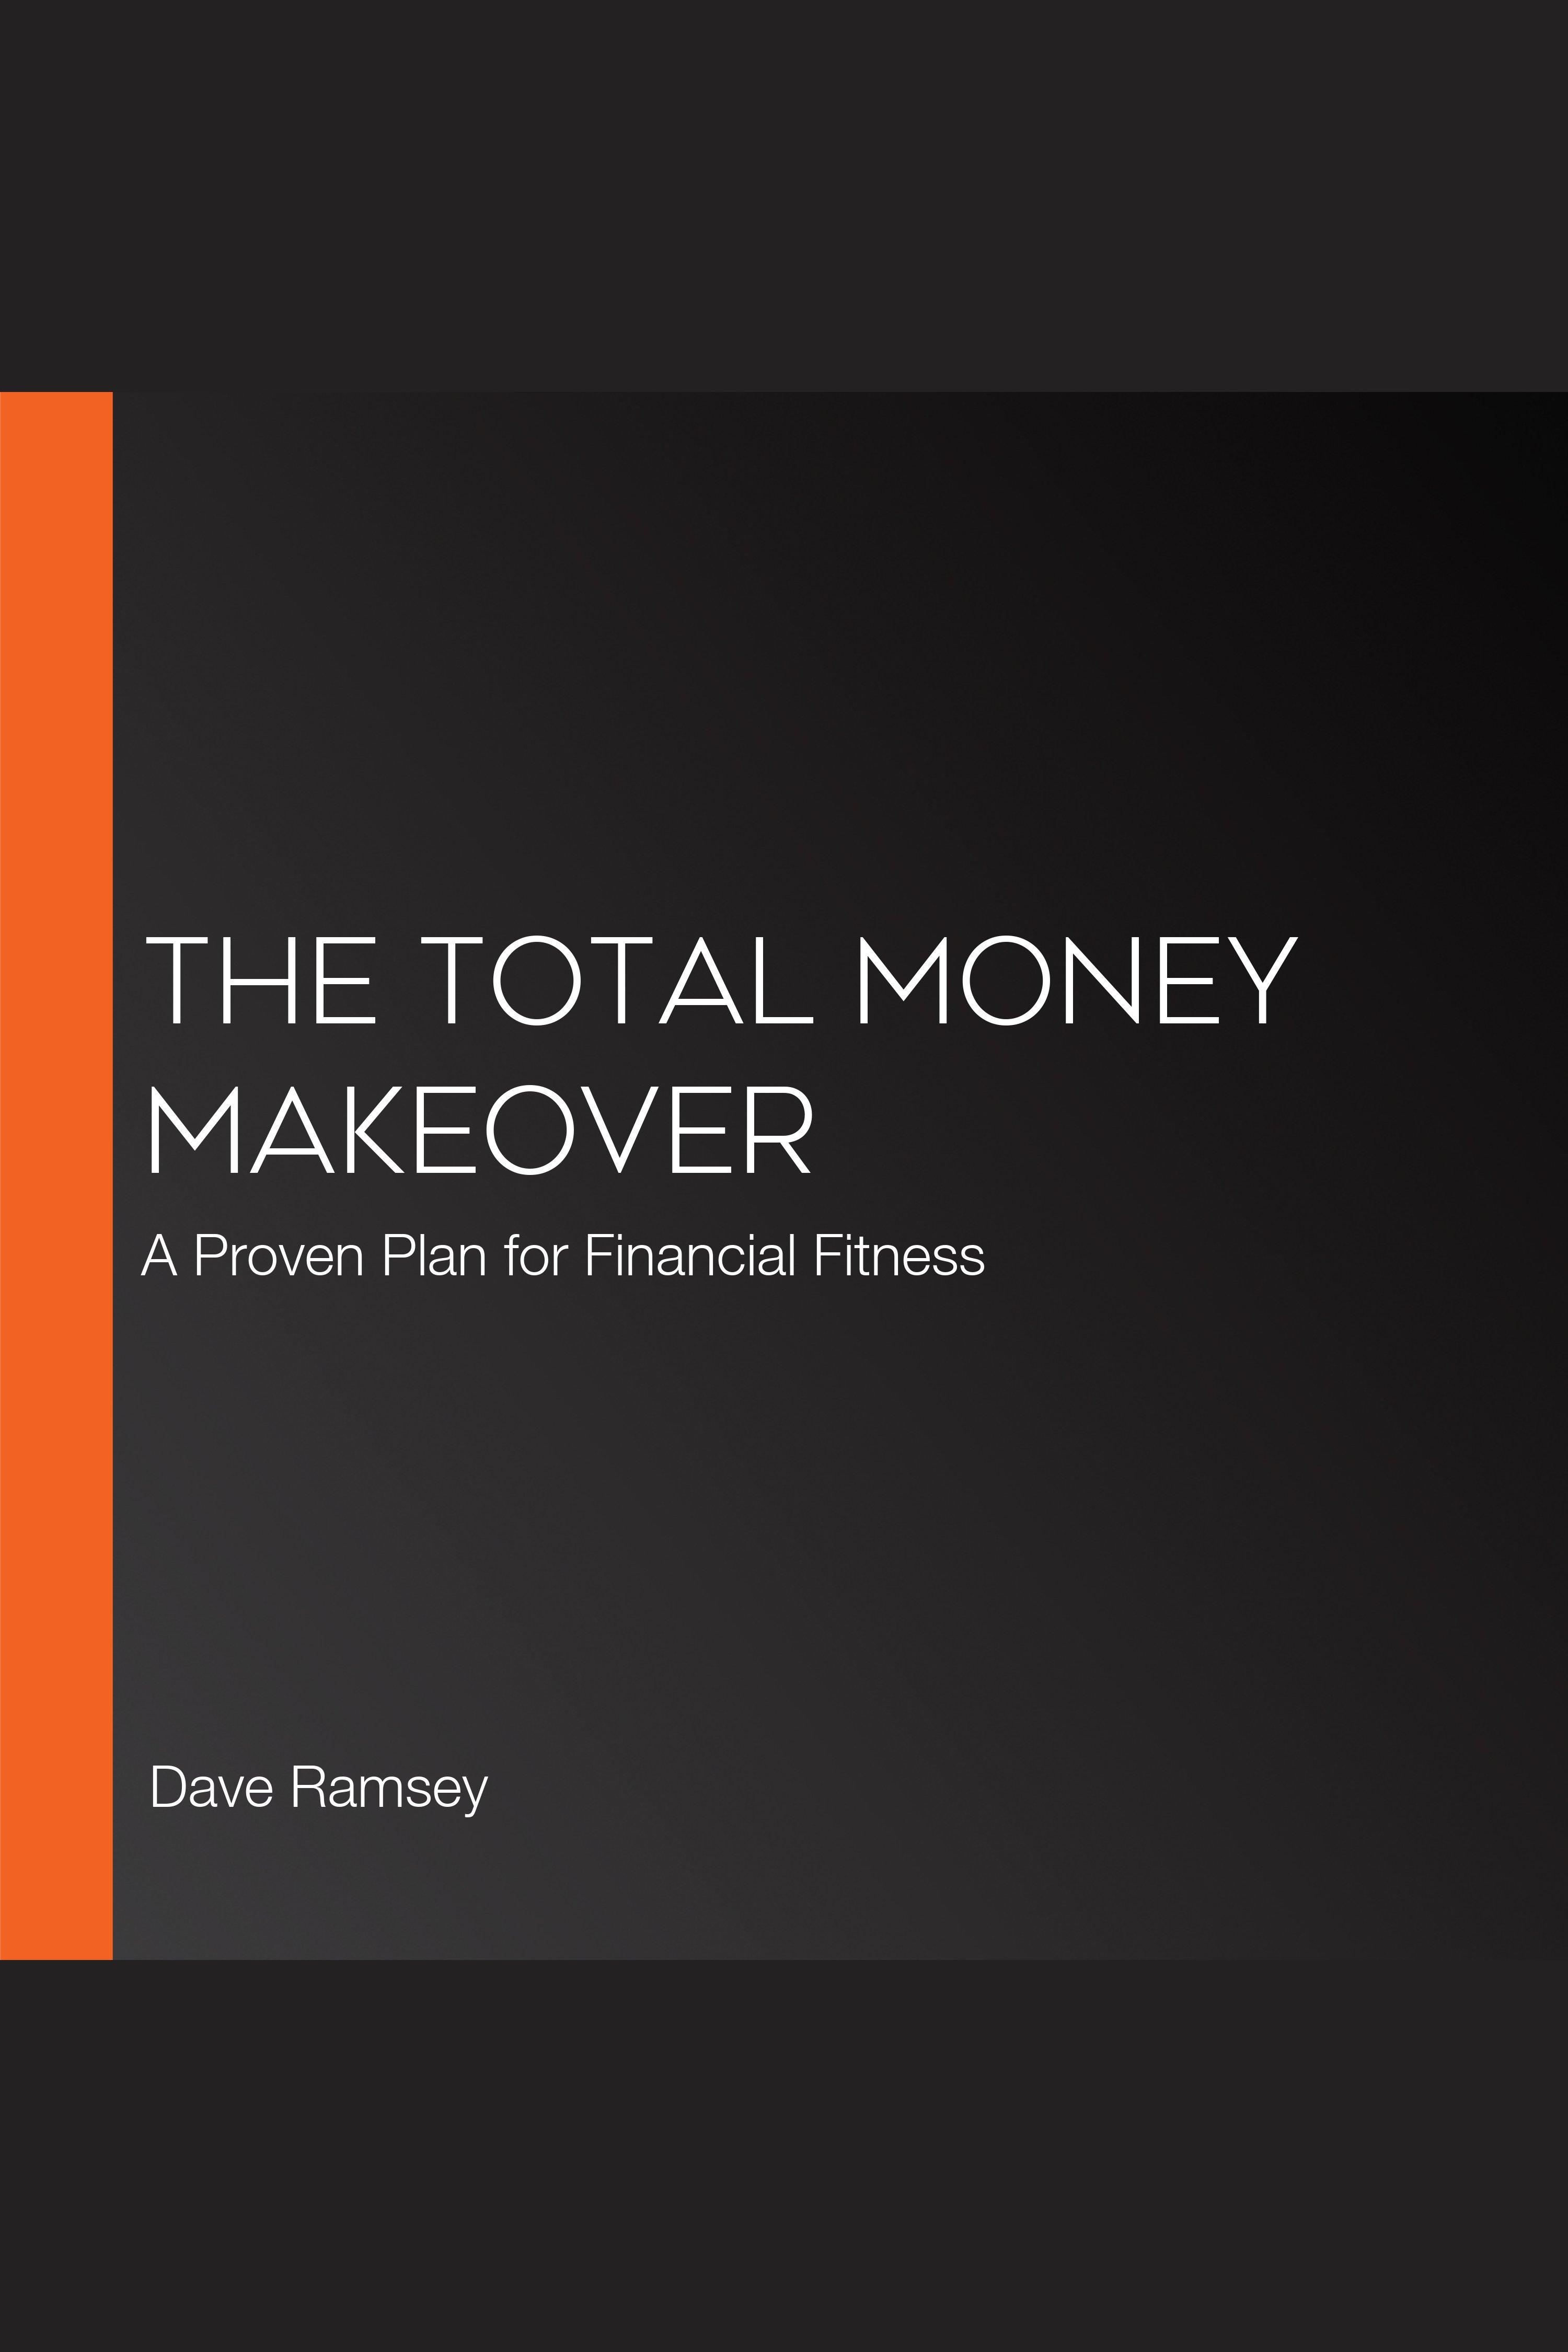 Esta es la portada del audiolibro Total Money Makeover, The